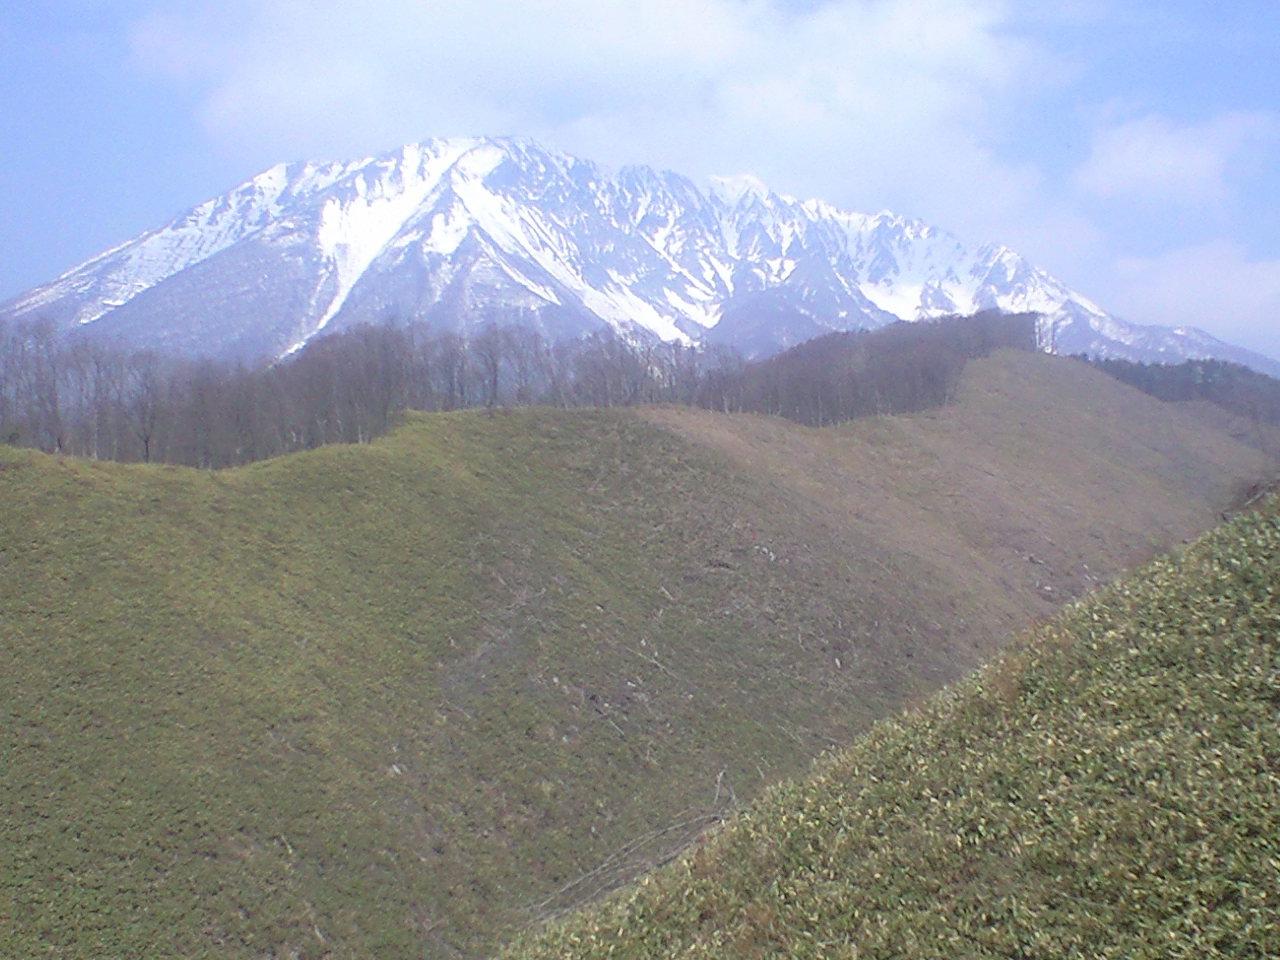 こんな大山、見たこと無いでしょ?